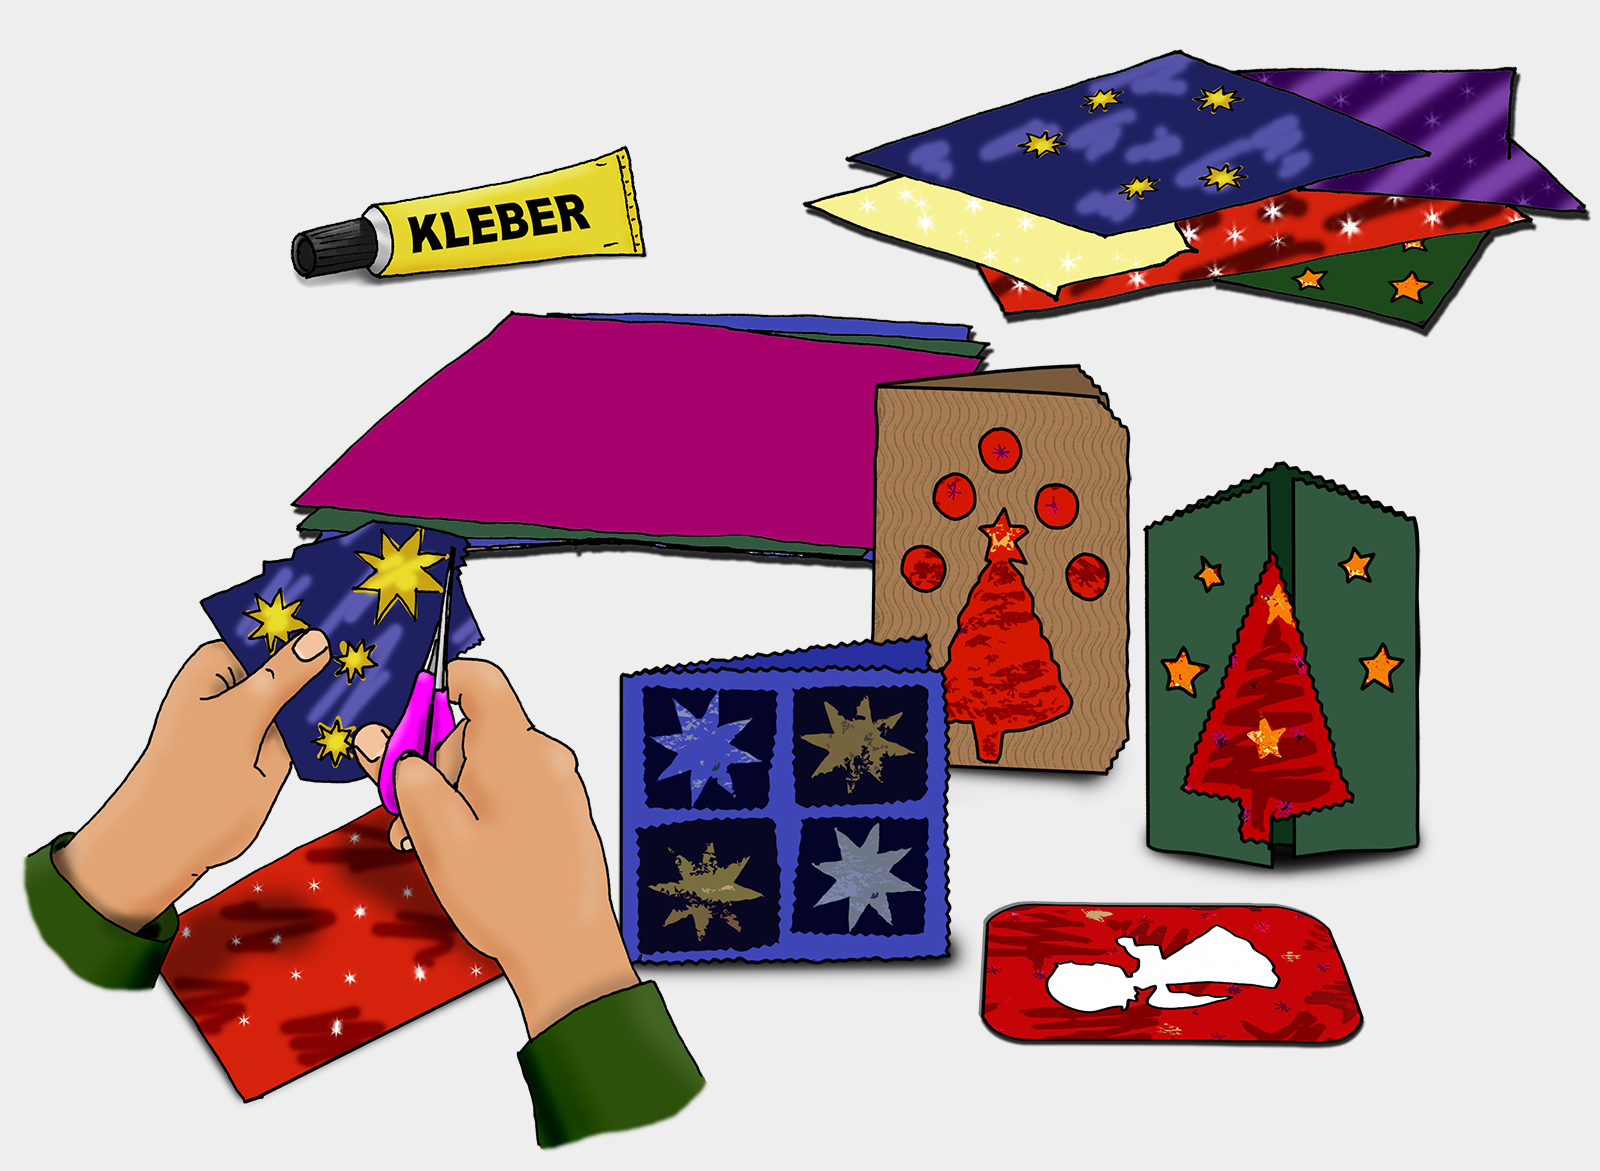 Geschenkpapier, Tonpapier und fertige Weihnachtskarten. (Quelle: Angela Richter)